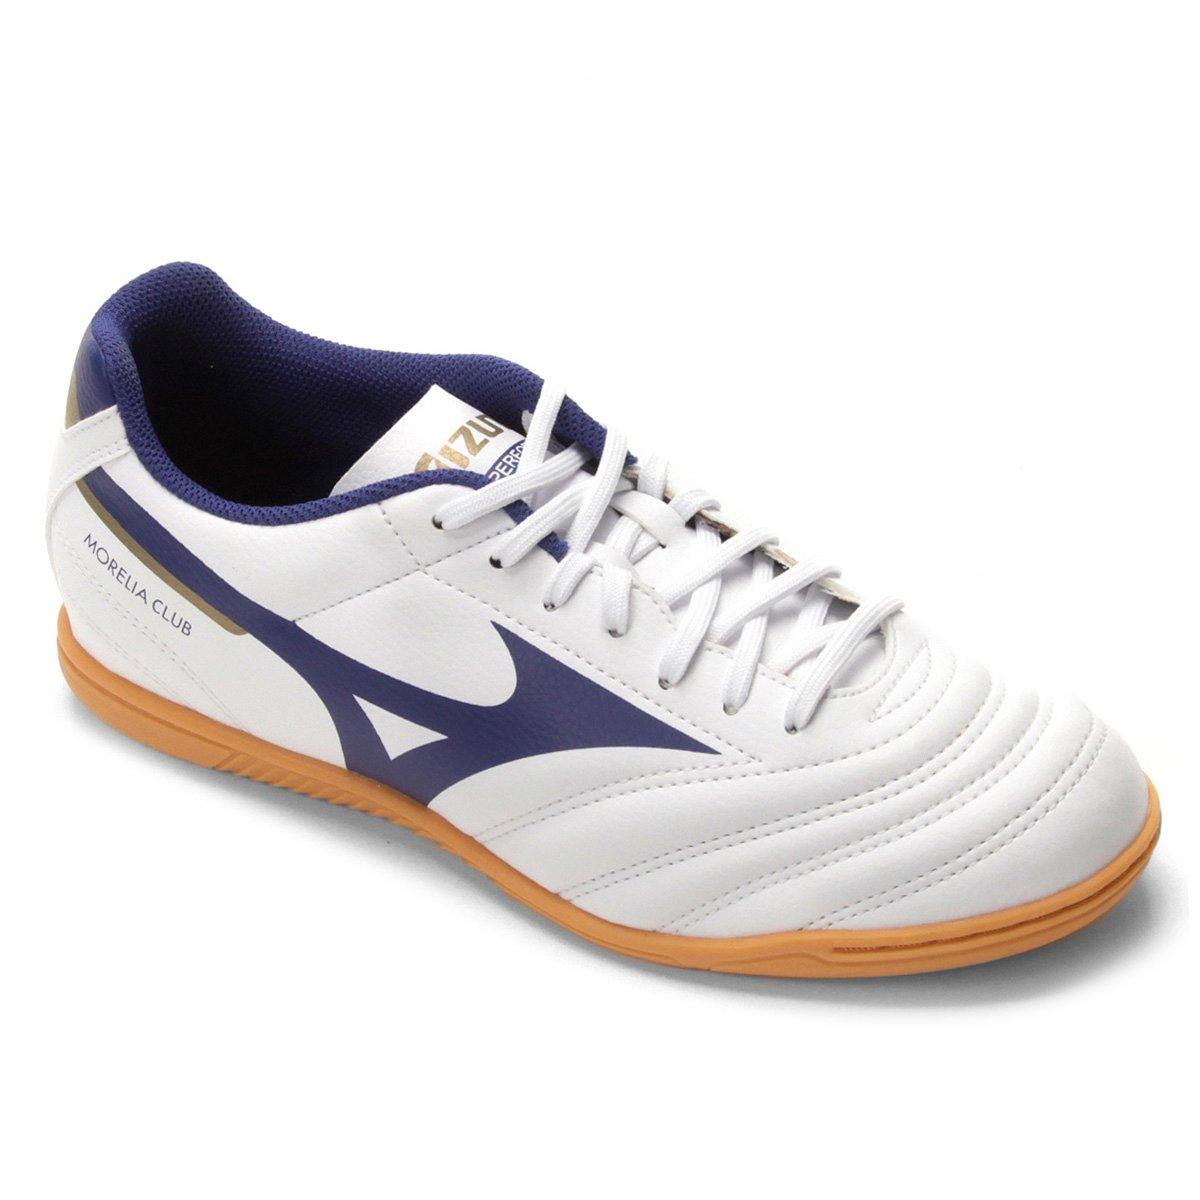 chuteira futsal mizuno morelia club in n masculina - azul e branco